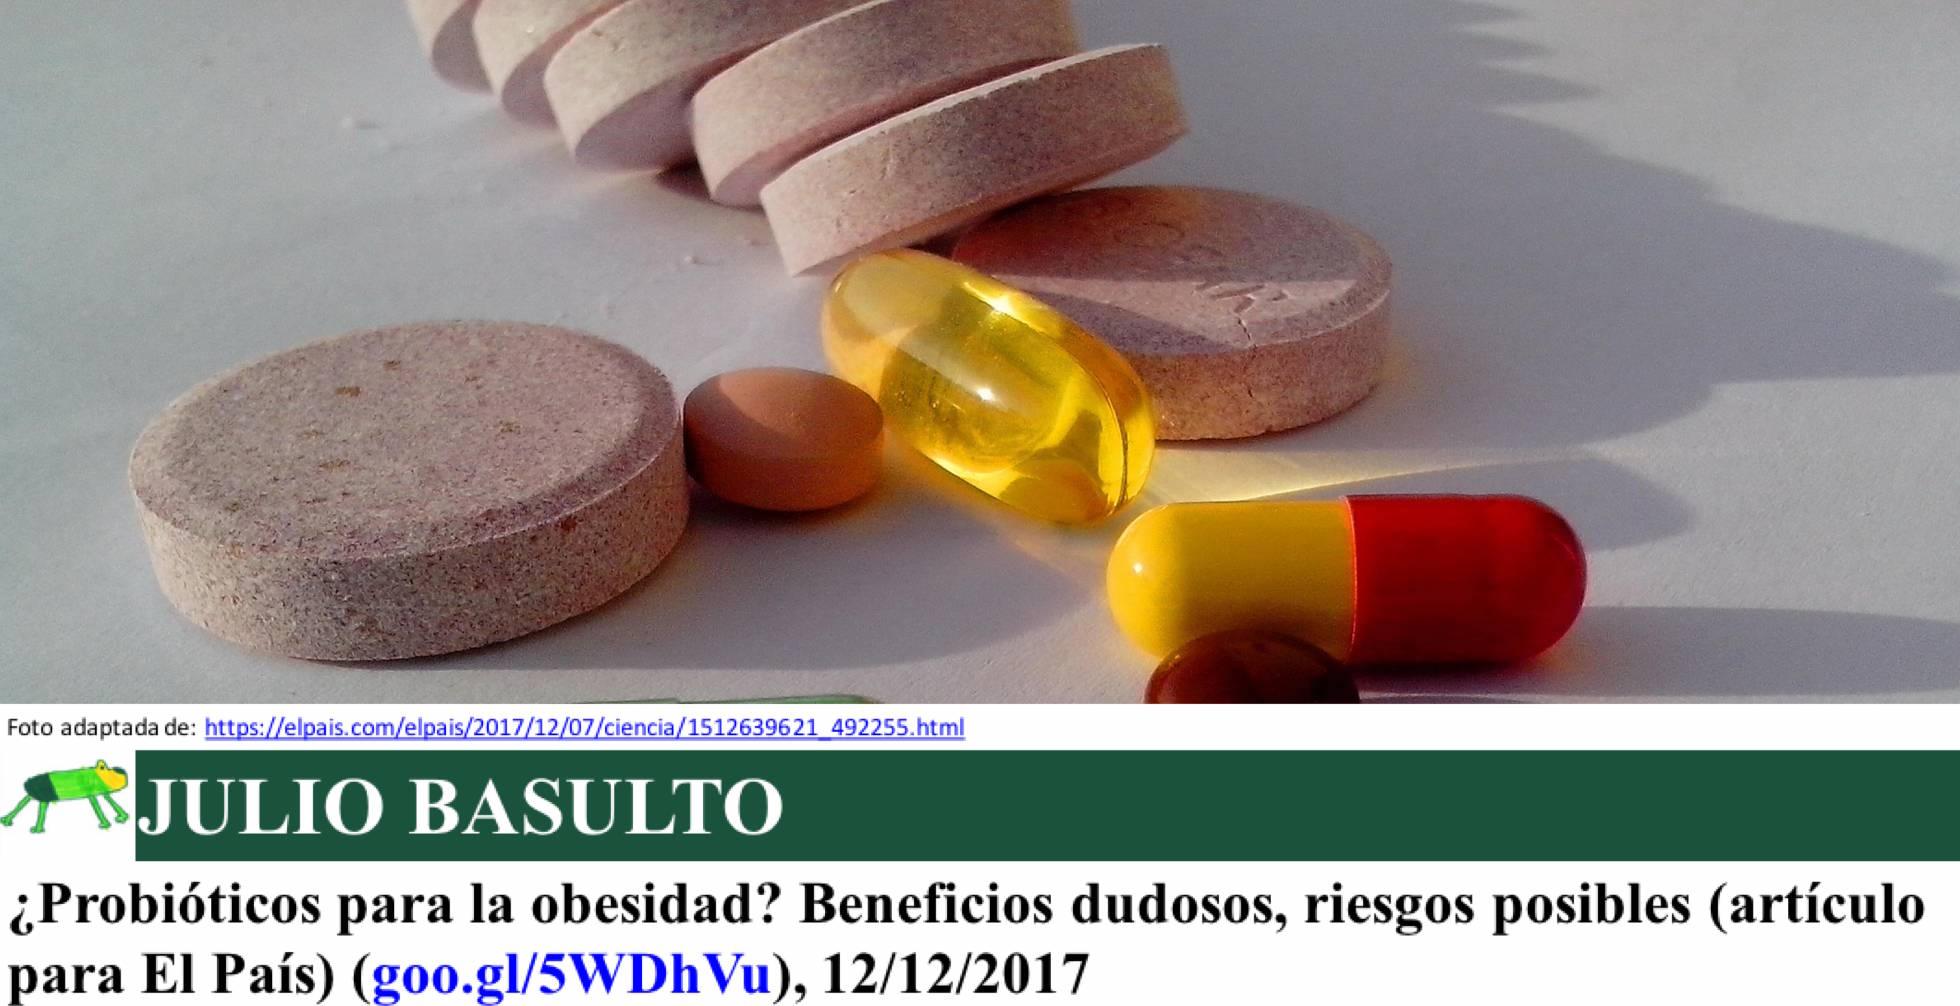 ¿Probióticos para la obesidad? Beneficios dudosos, riesgos posibles (artículo para El País)